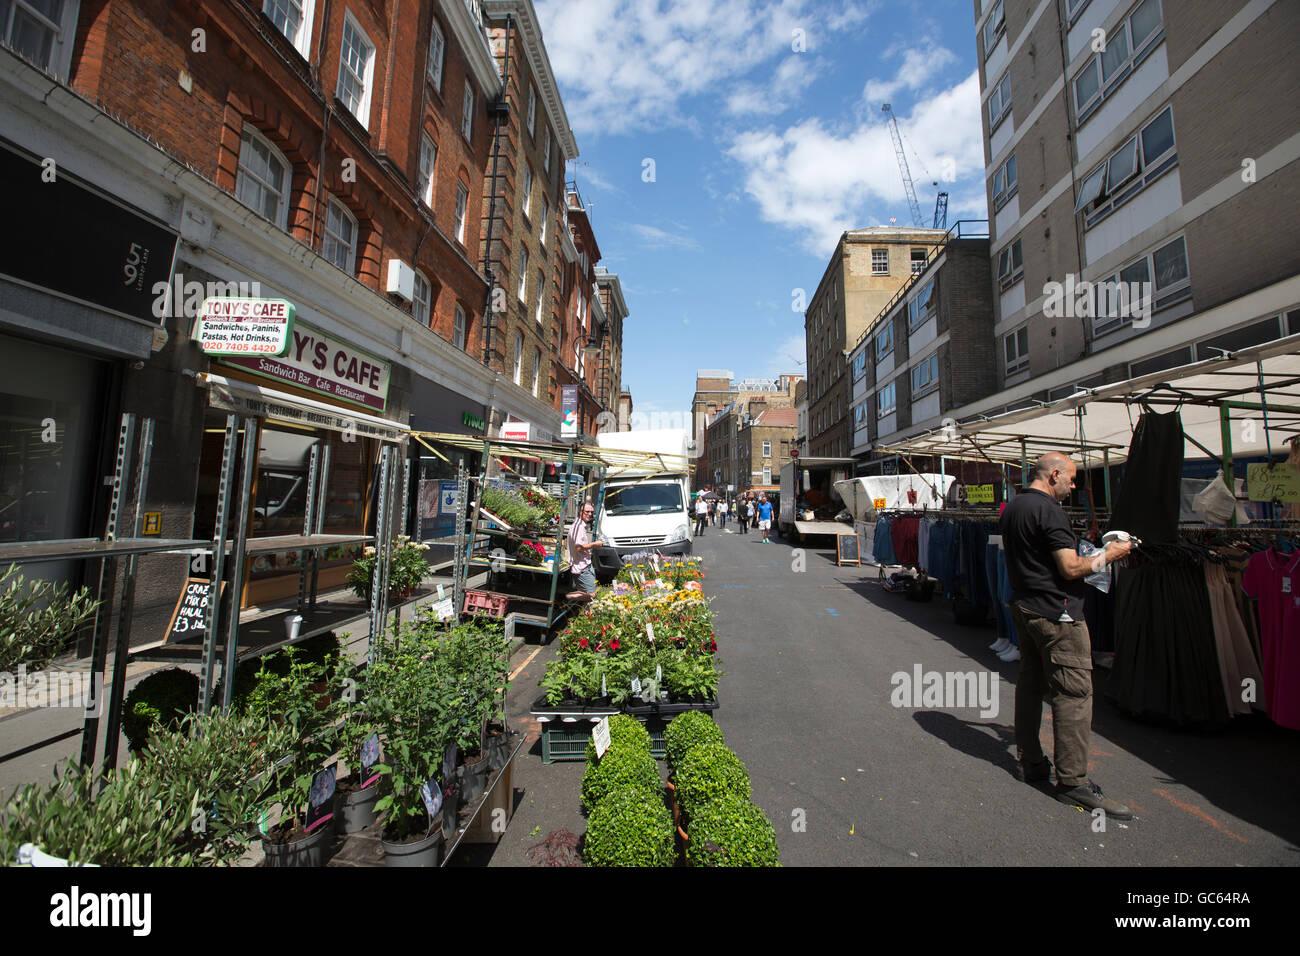 Leather Lane Market, Leather Lane, Holborn, City of London, England, UK - Stock Image